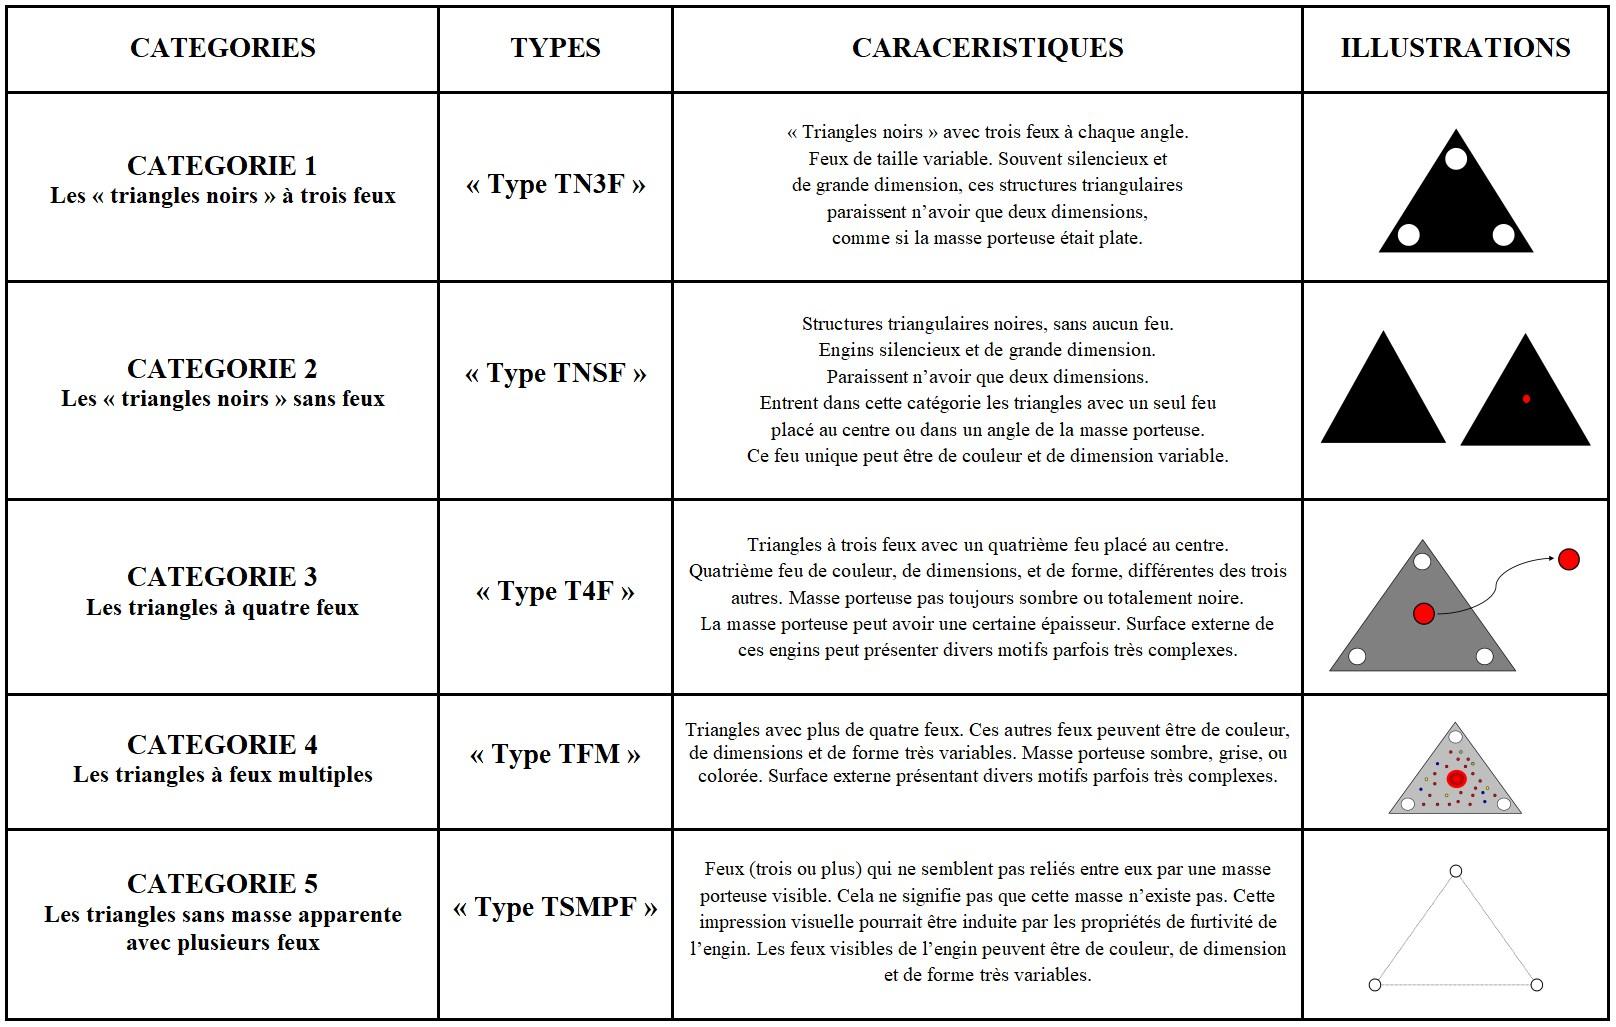 IMAGE 2. Tableau des 5 catégories de triangles